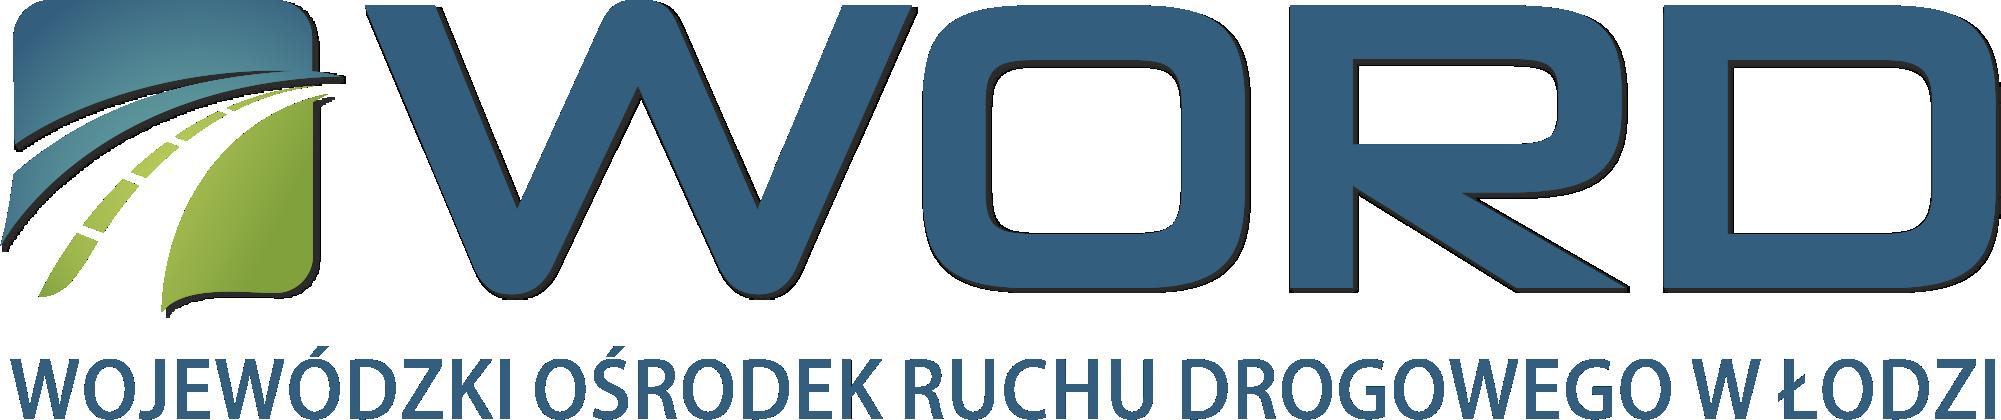 Logo Wojewódzki Ośrodek Ruchu Drogowego w Łodzi